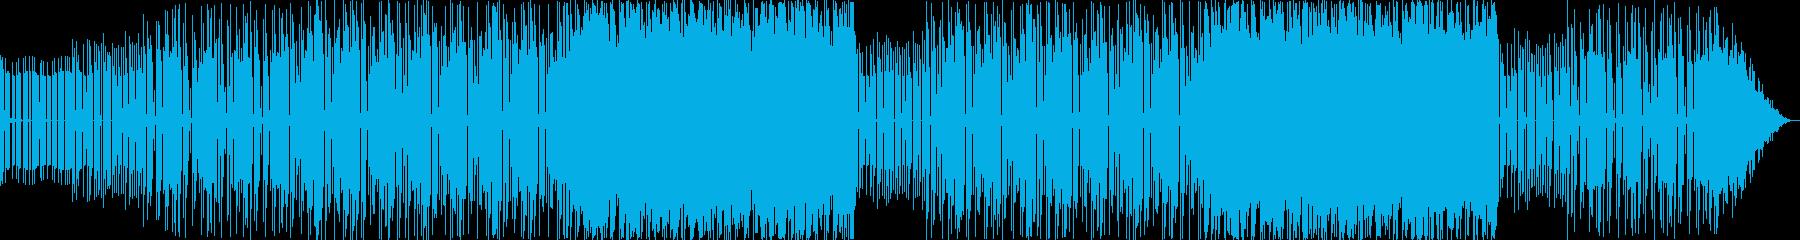 パノラマの開口部を持つエレクトロト...の再生済みの波形